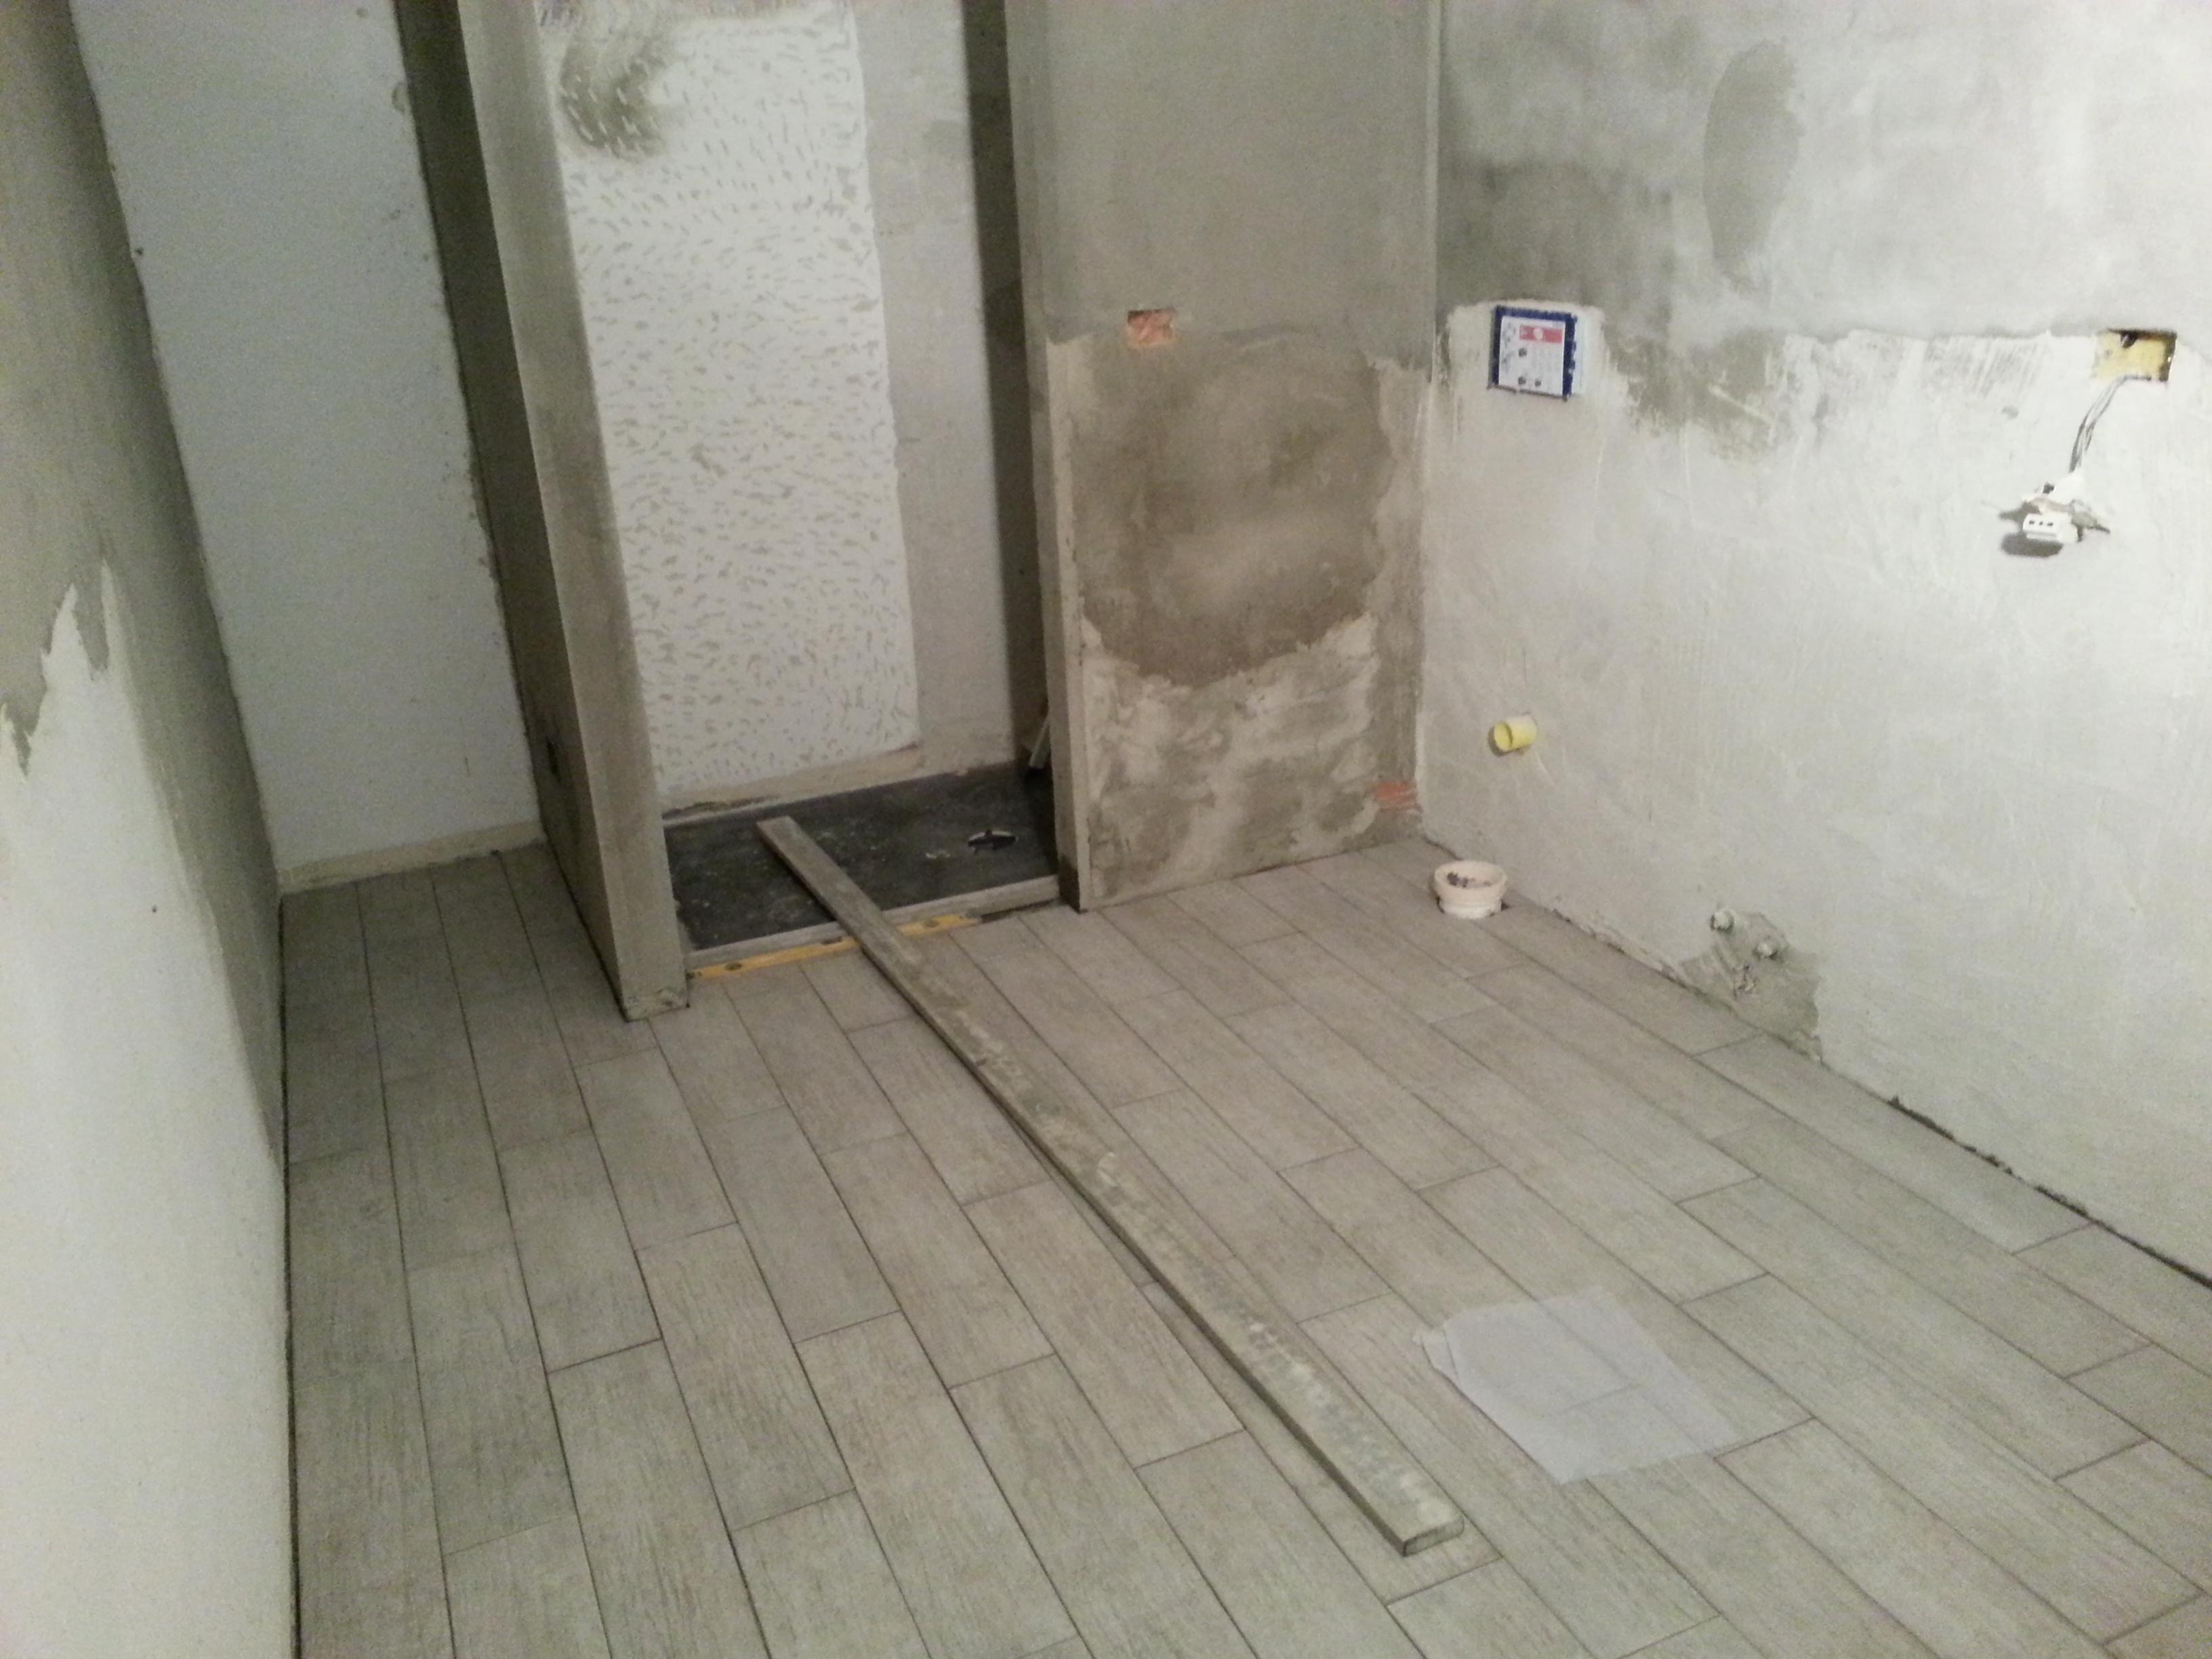 Rifacimento bagno detrazione costo ristrutturazione bagno - Rifacimento bagno manutenzione ordinaria o straordinaria ...